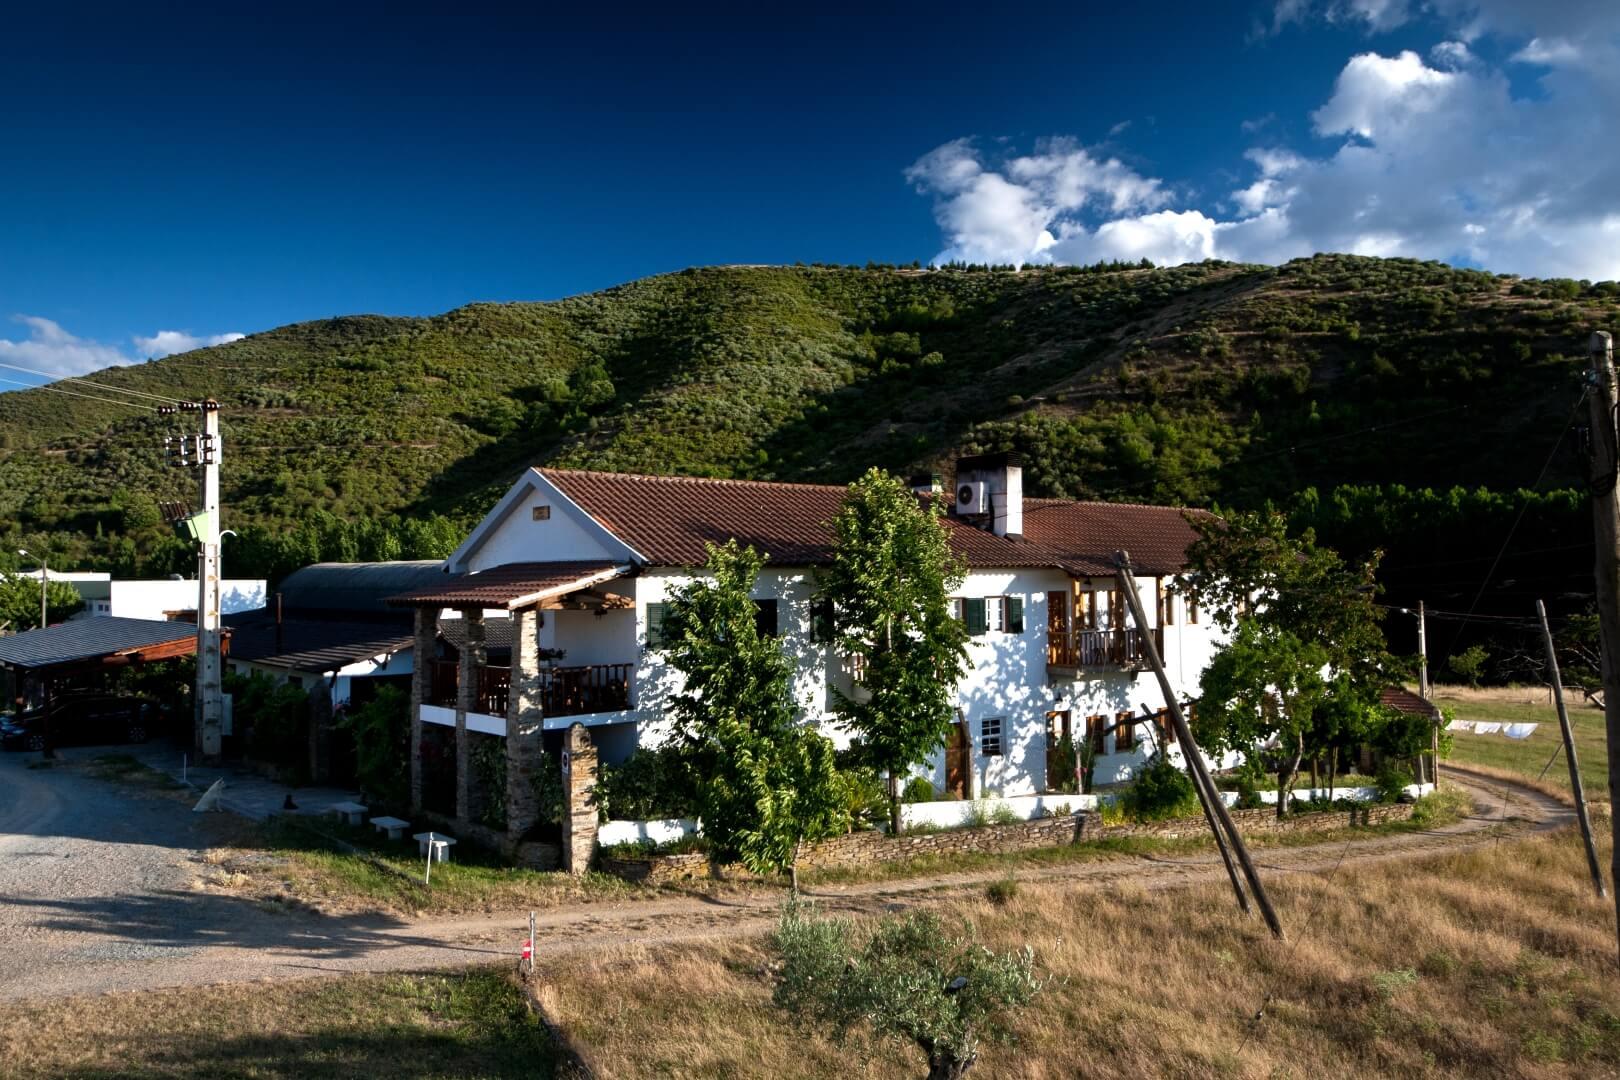 turismo rural em trás os montes